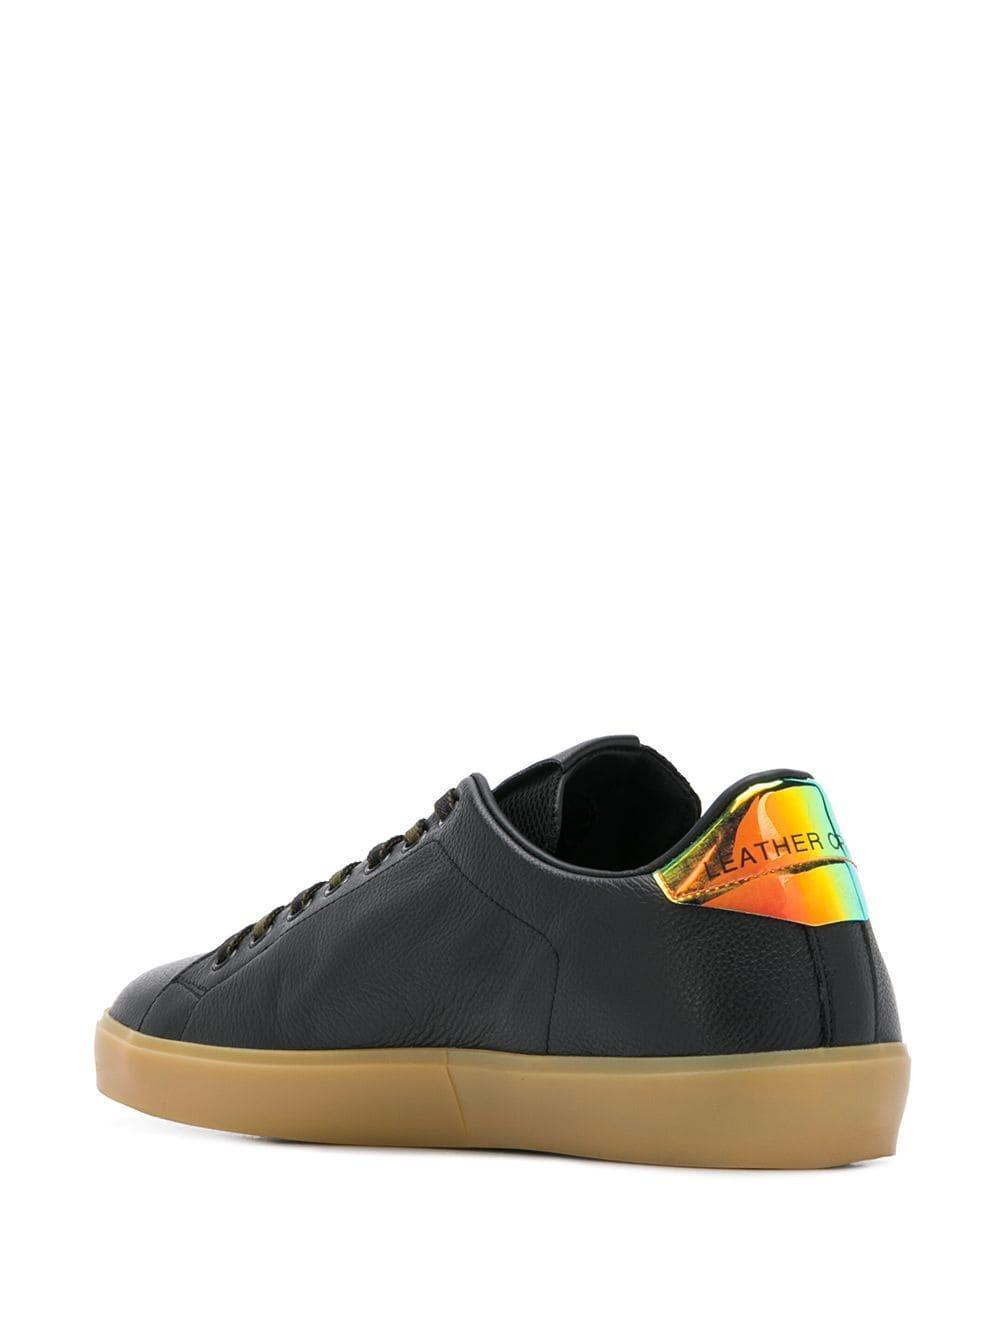 Zapatillas bajas con cordones Leather Crown de Cuero de color Negro para hombre